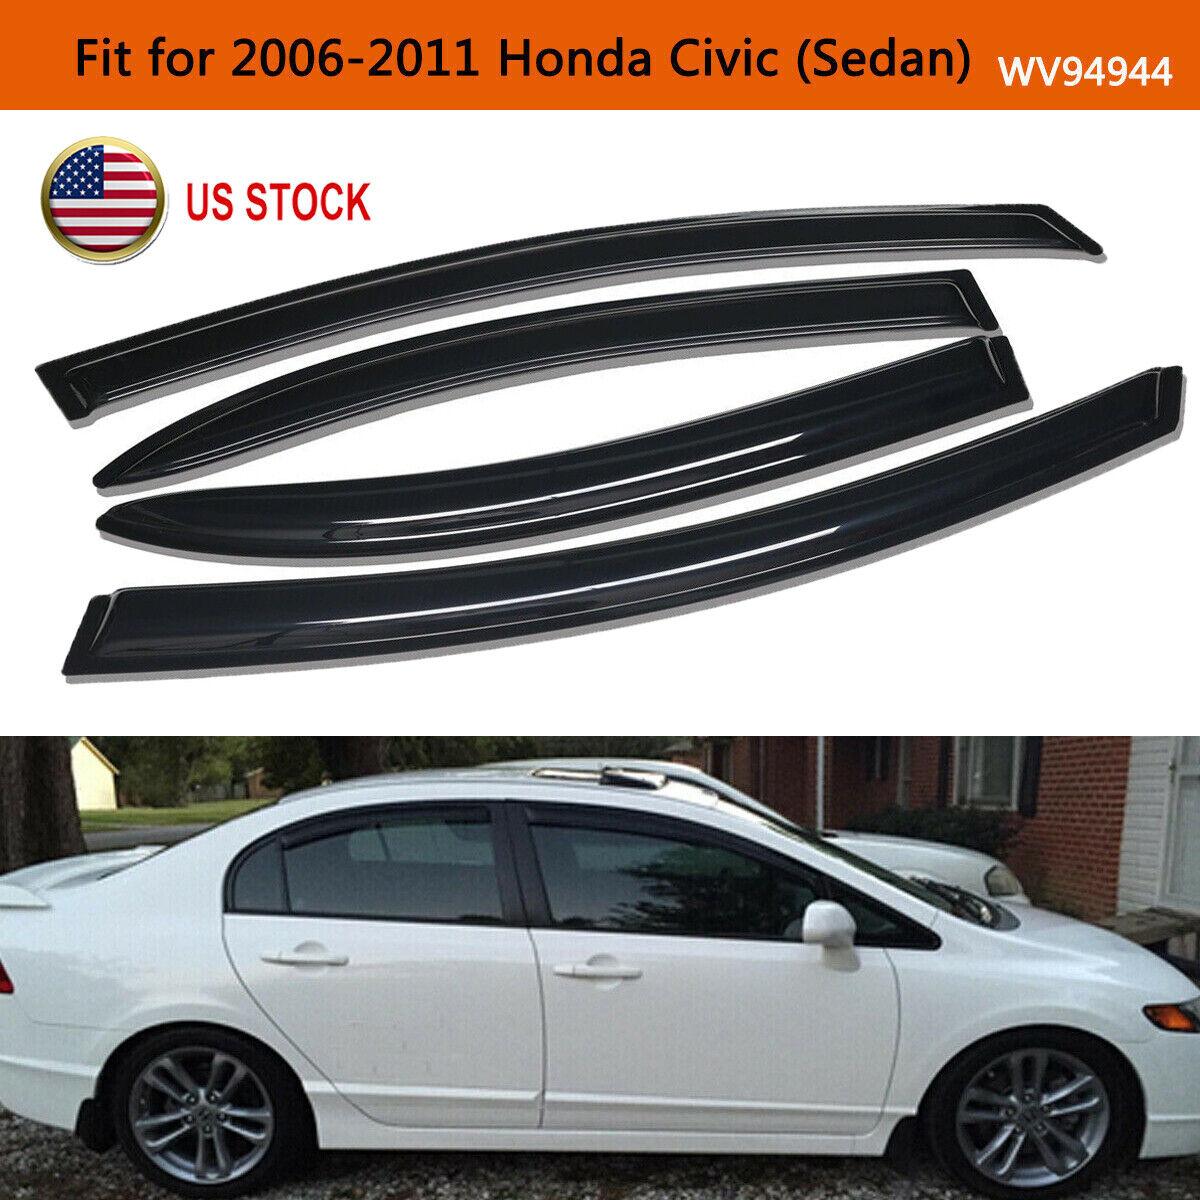 For 2006-2011 Honda Civic 4 Door Sedan Window Deflector Visor Vent Sun Guard